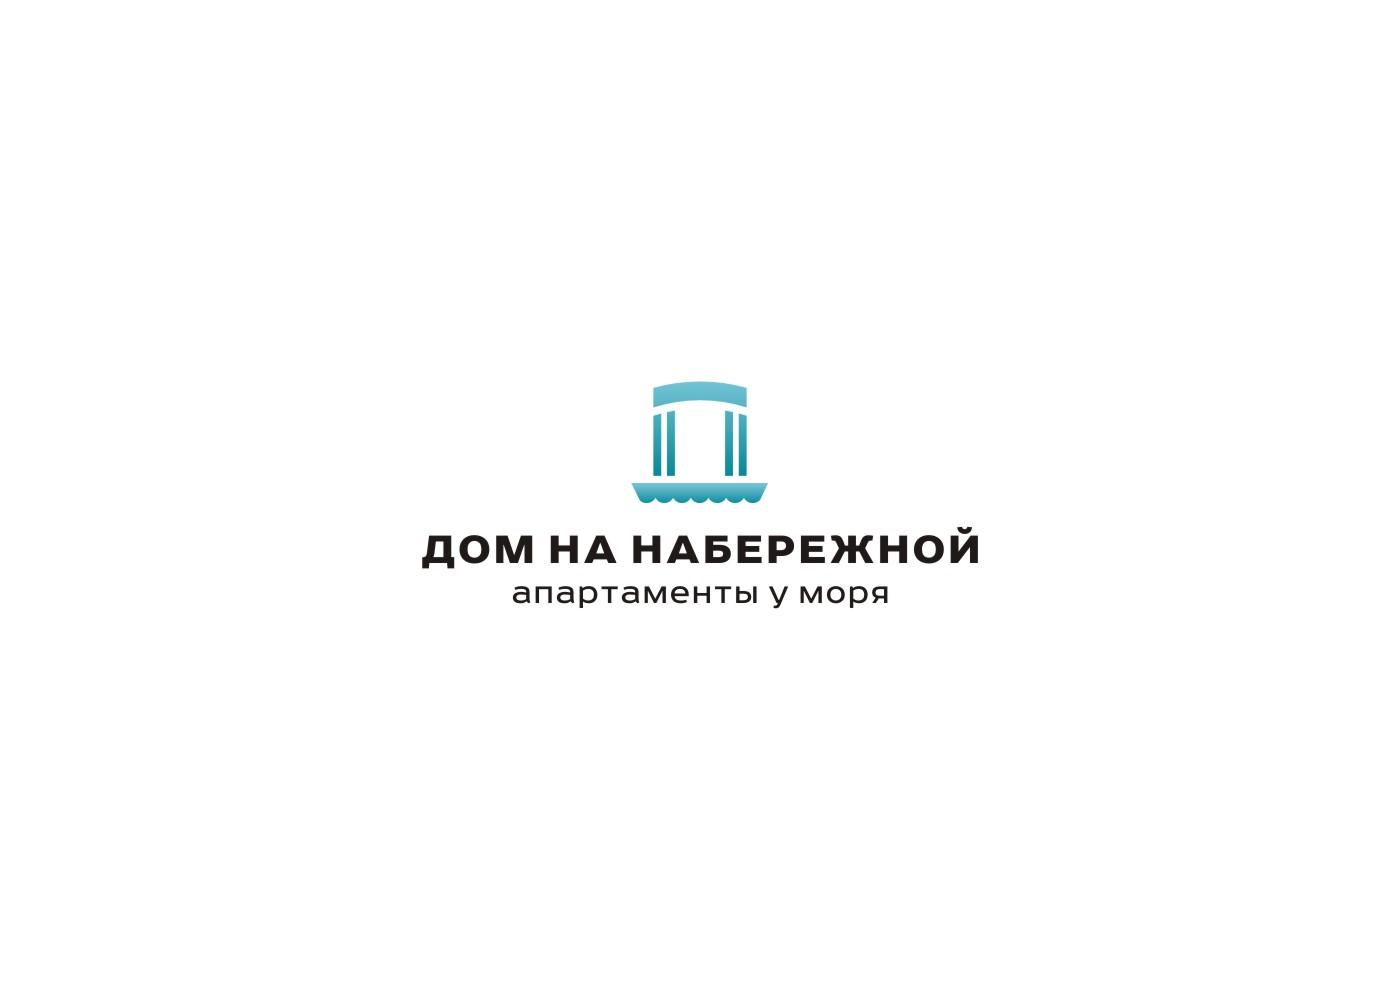 РАЗРАБОТКА логотипа для ЖИЛОГО КОМПЛЕКСА премиум В АНАПЕ.  фото f_9675de77edc0c79a.jpg